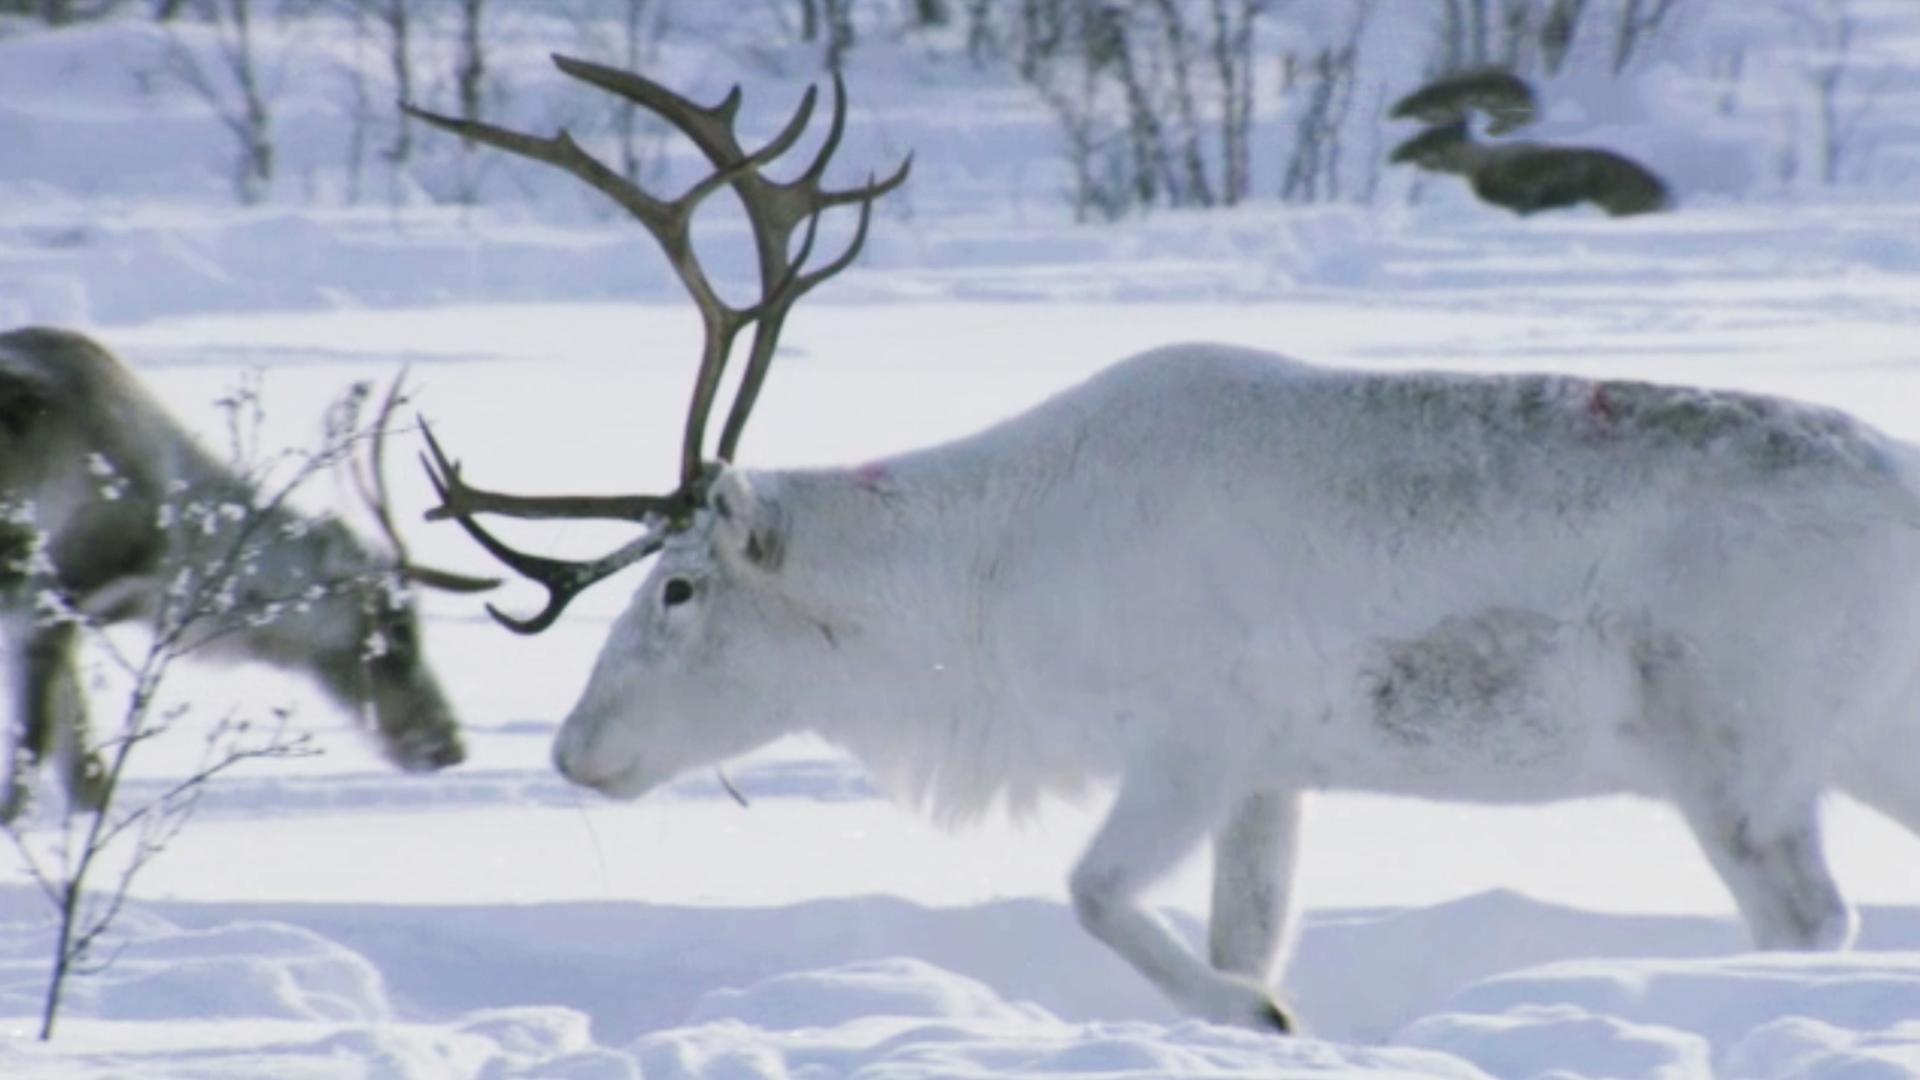 EARTH_Reindeer_2.jpg